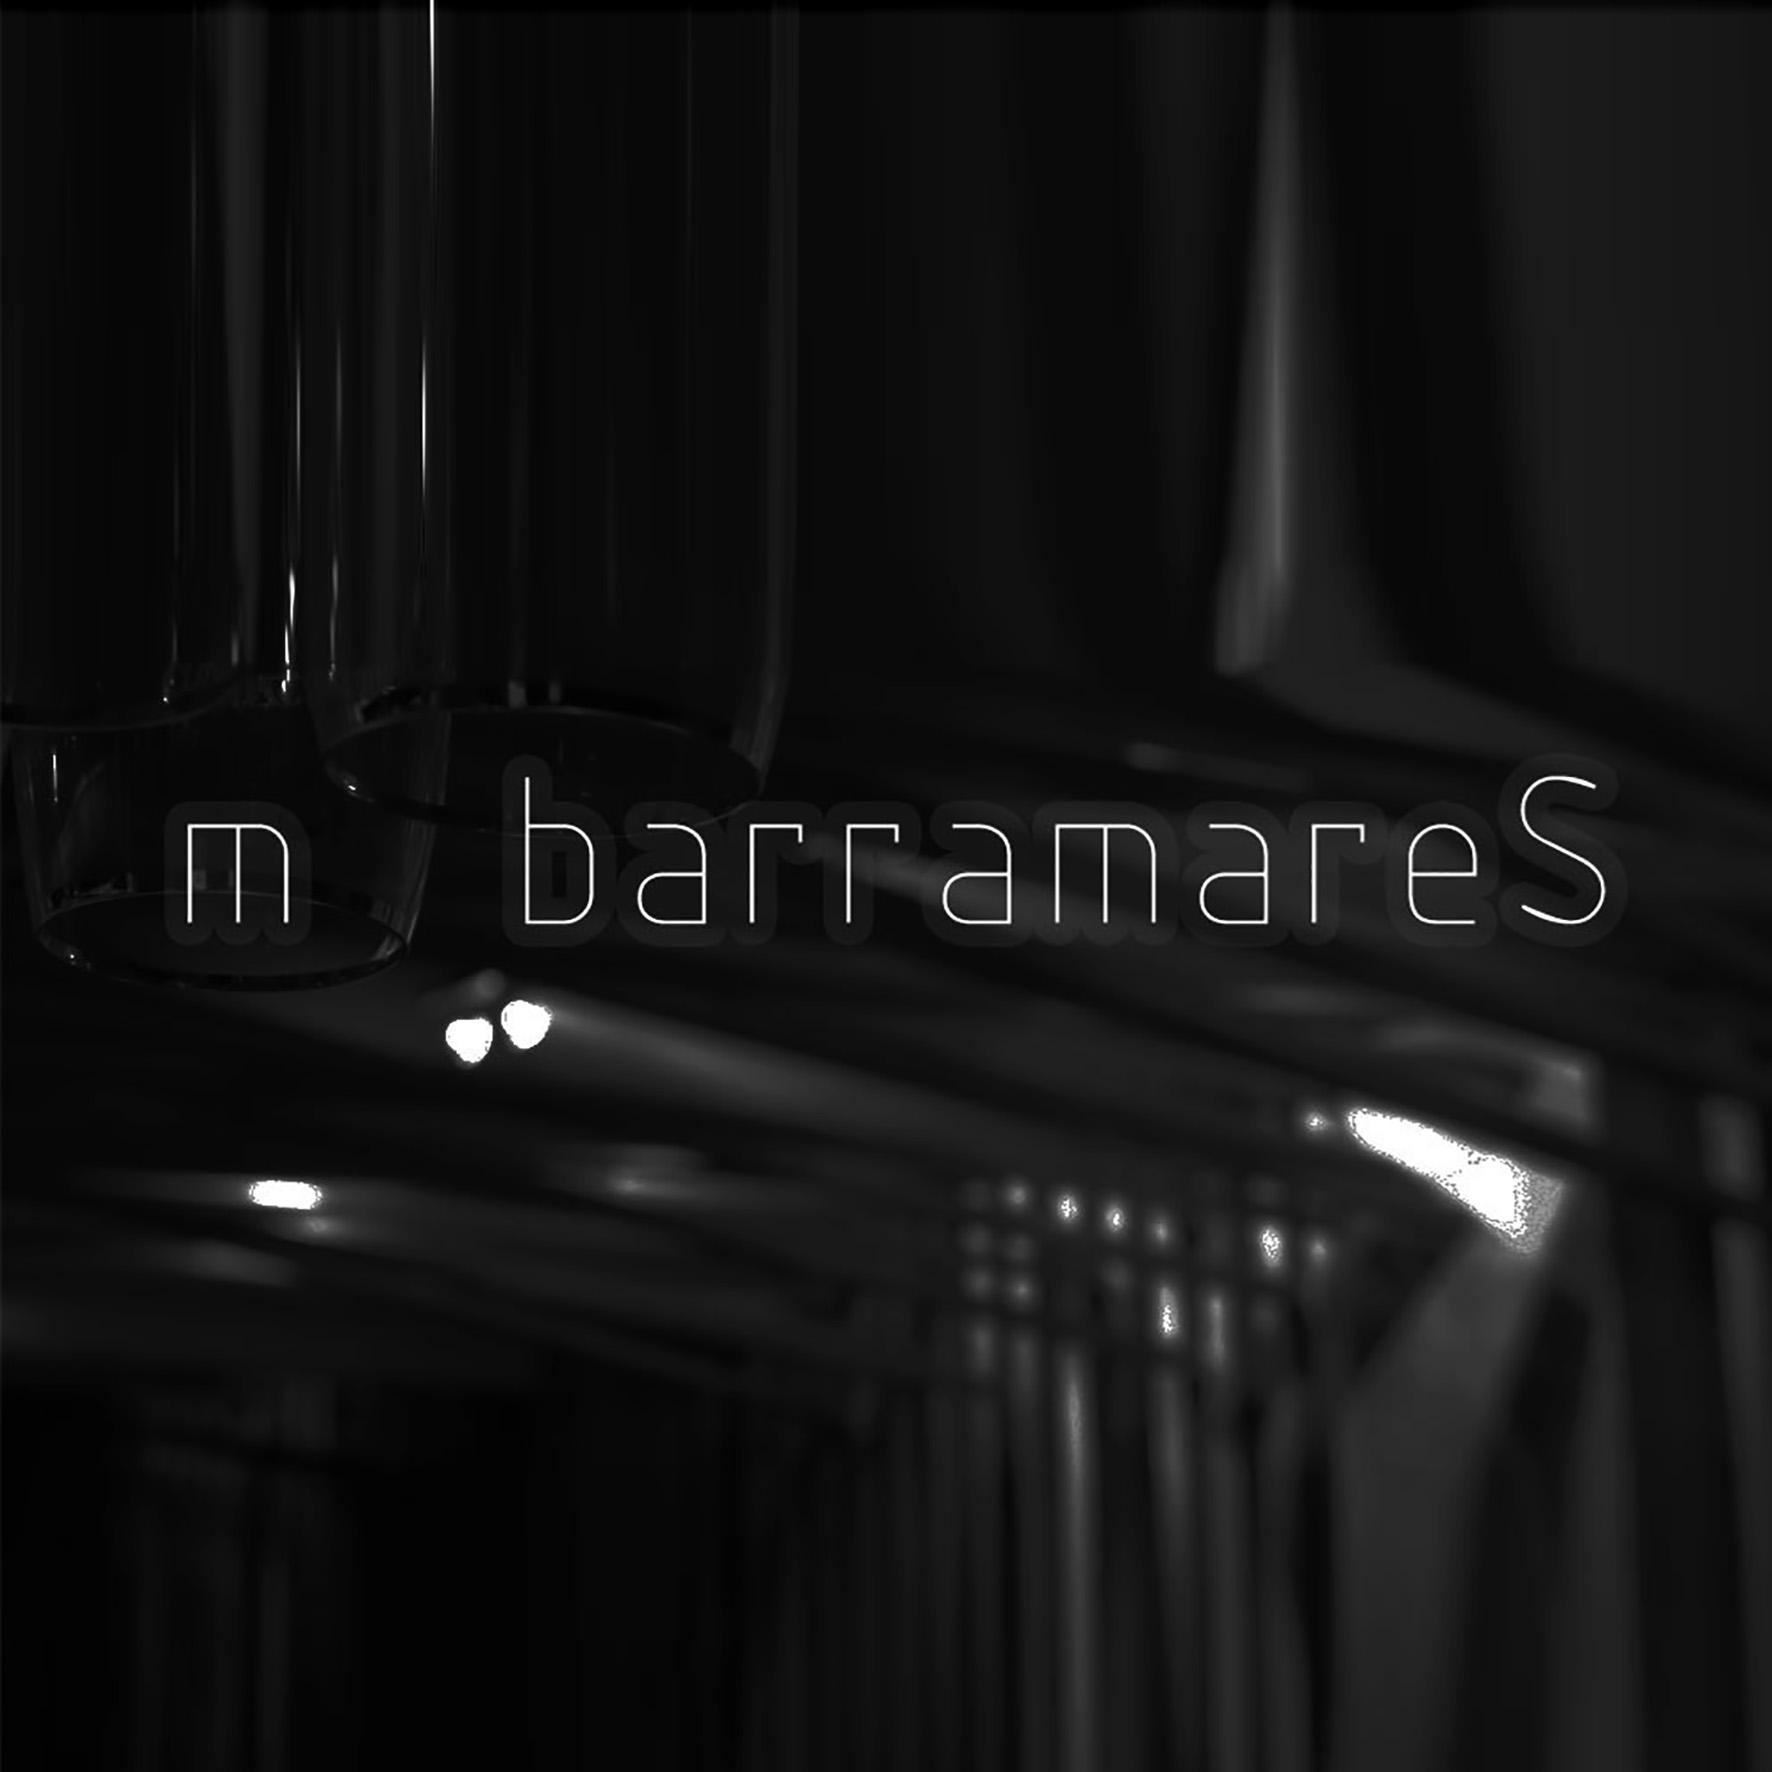 Aplicación Barramares